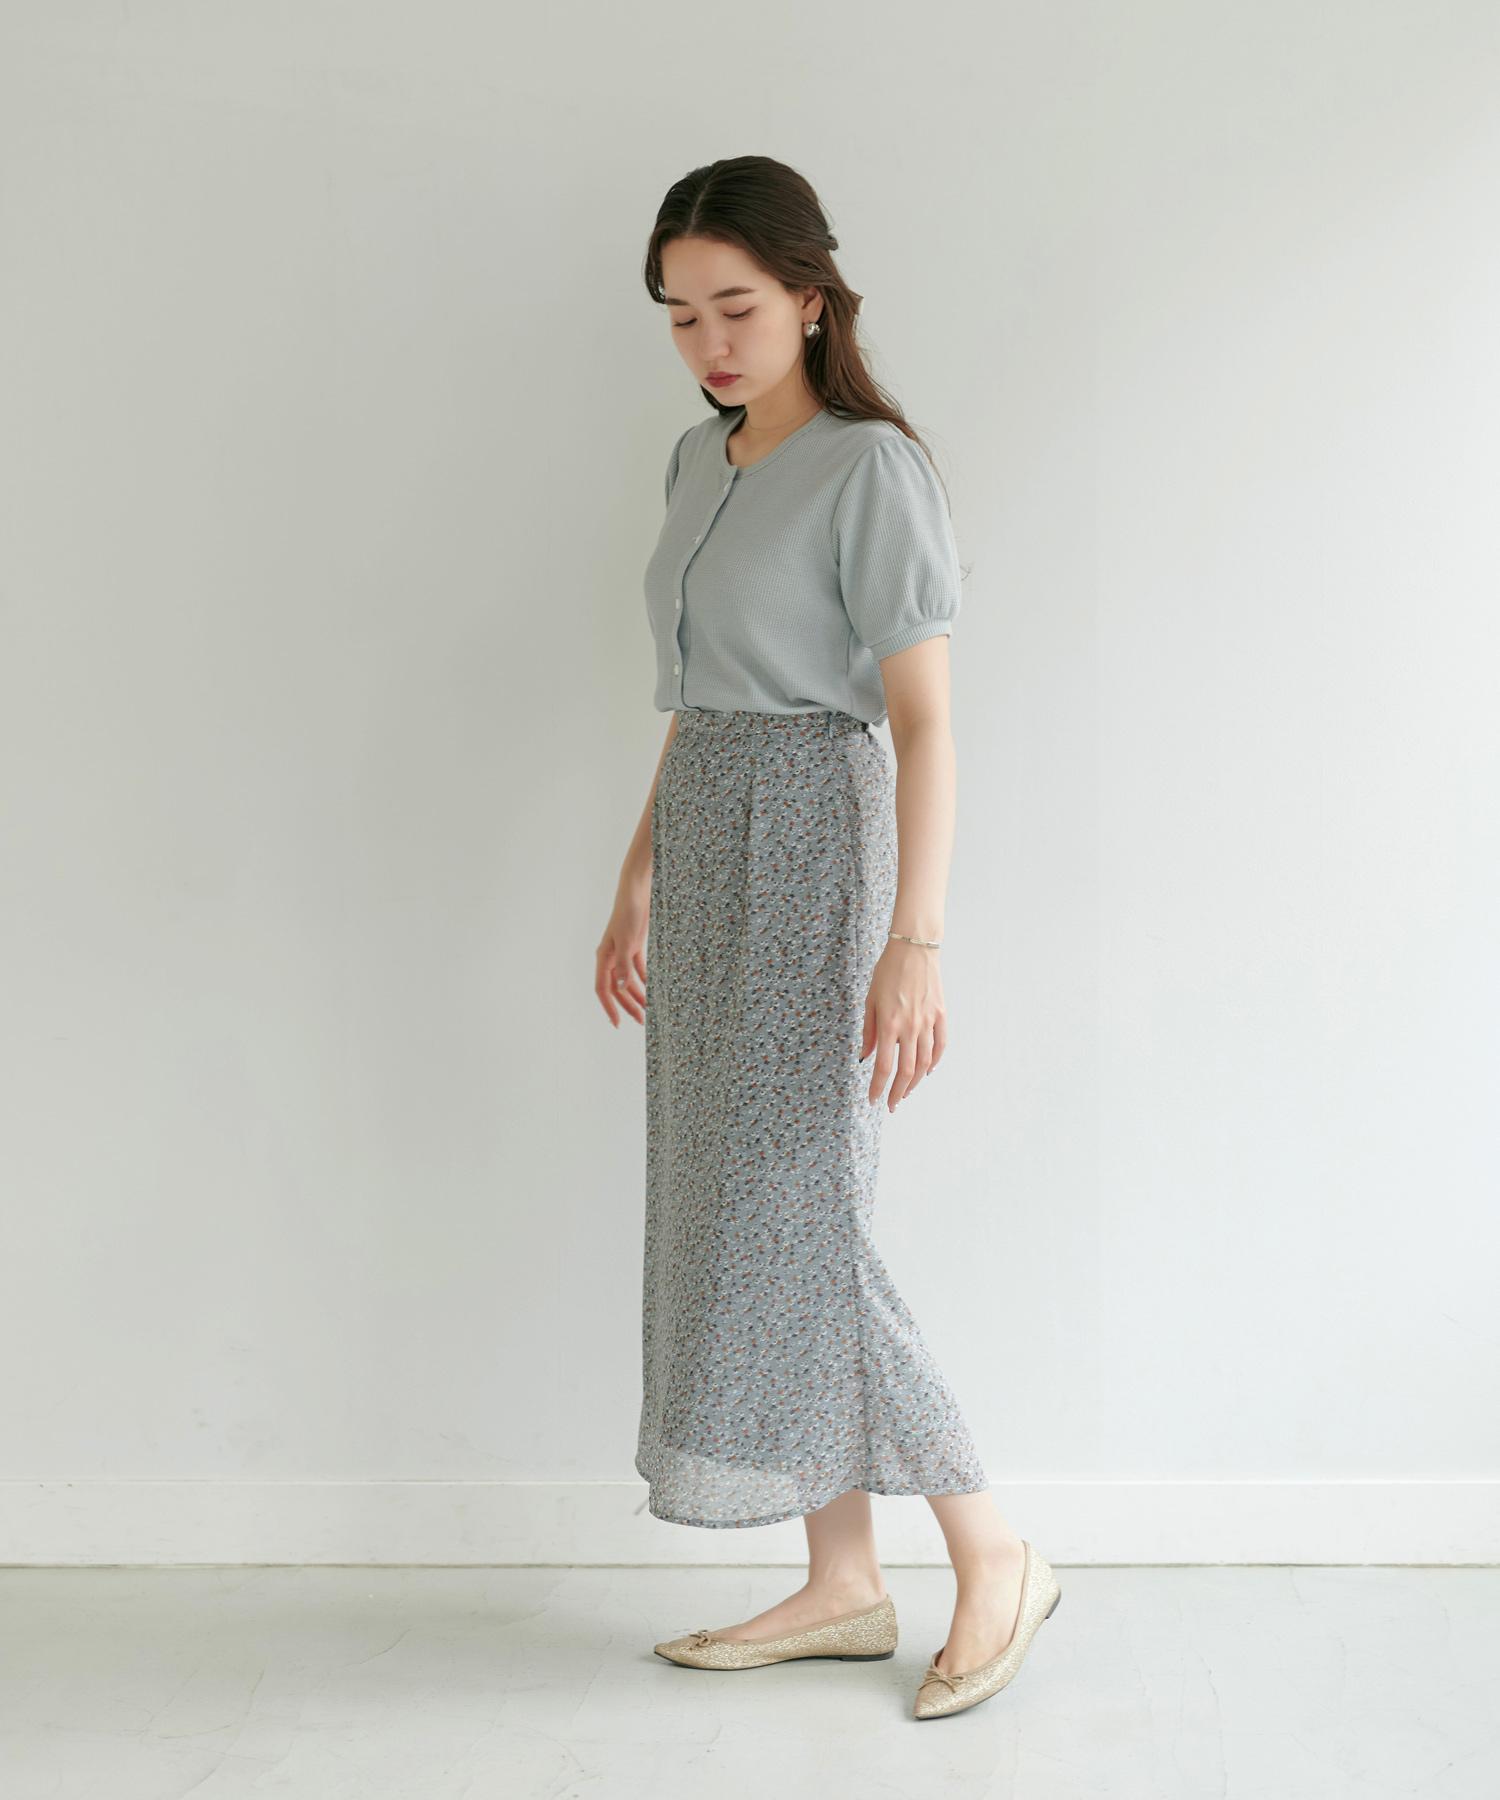 ワッフルパフスリーブカーディガン TINA:JOJUN 小花柄ロングスカート TINA:JOJUN